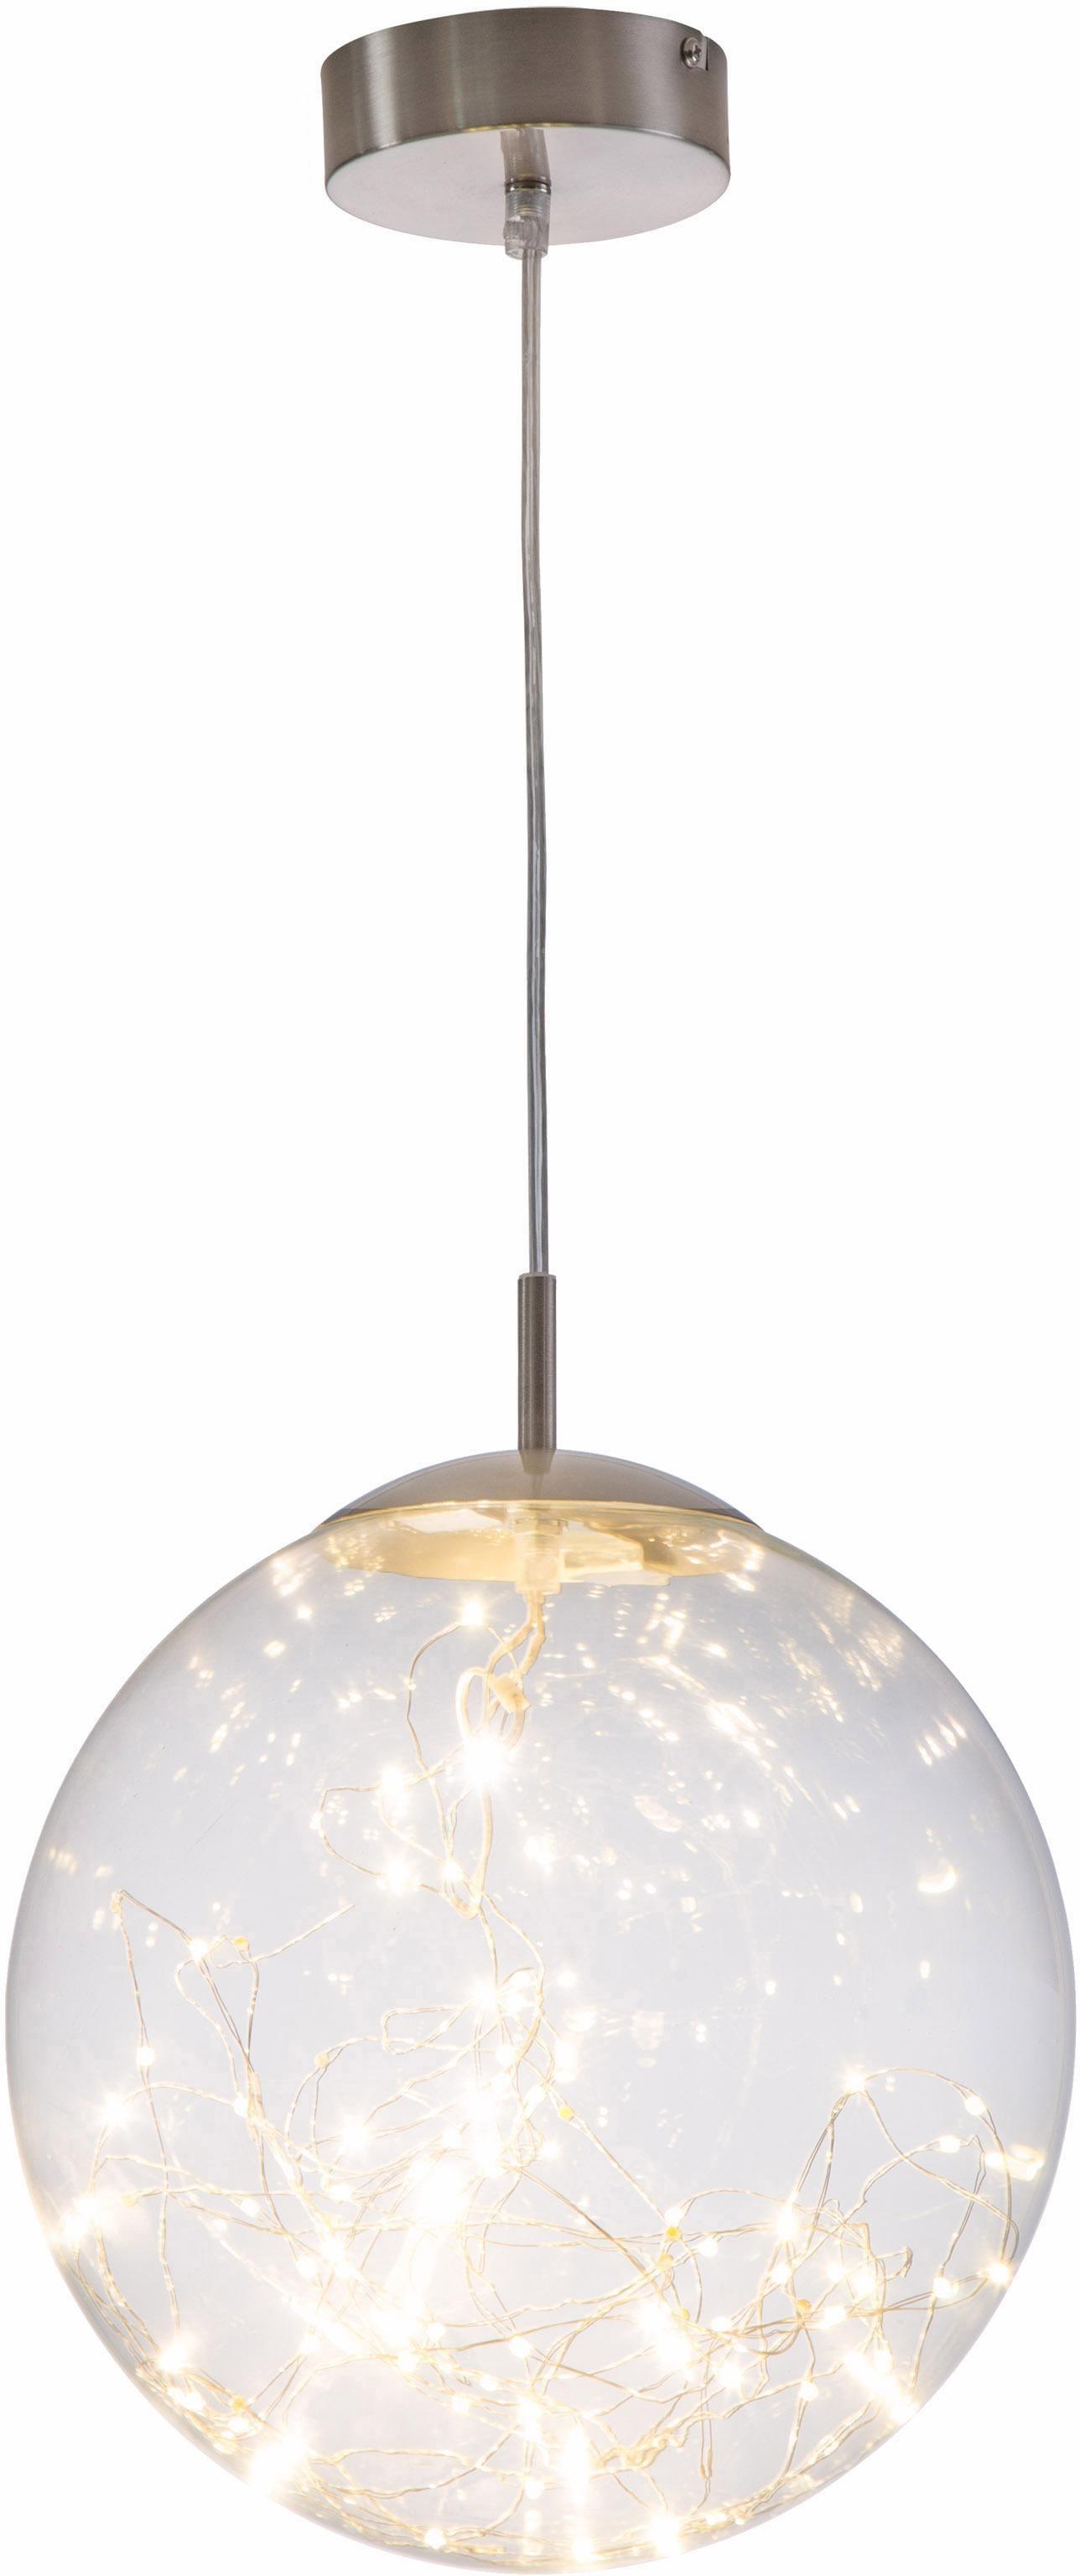 Nino Leuchten LED Pendelleuchte LIGHTS, LED-Board, LED Hängelampe, LED Hängeleuchte